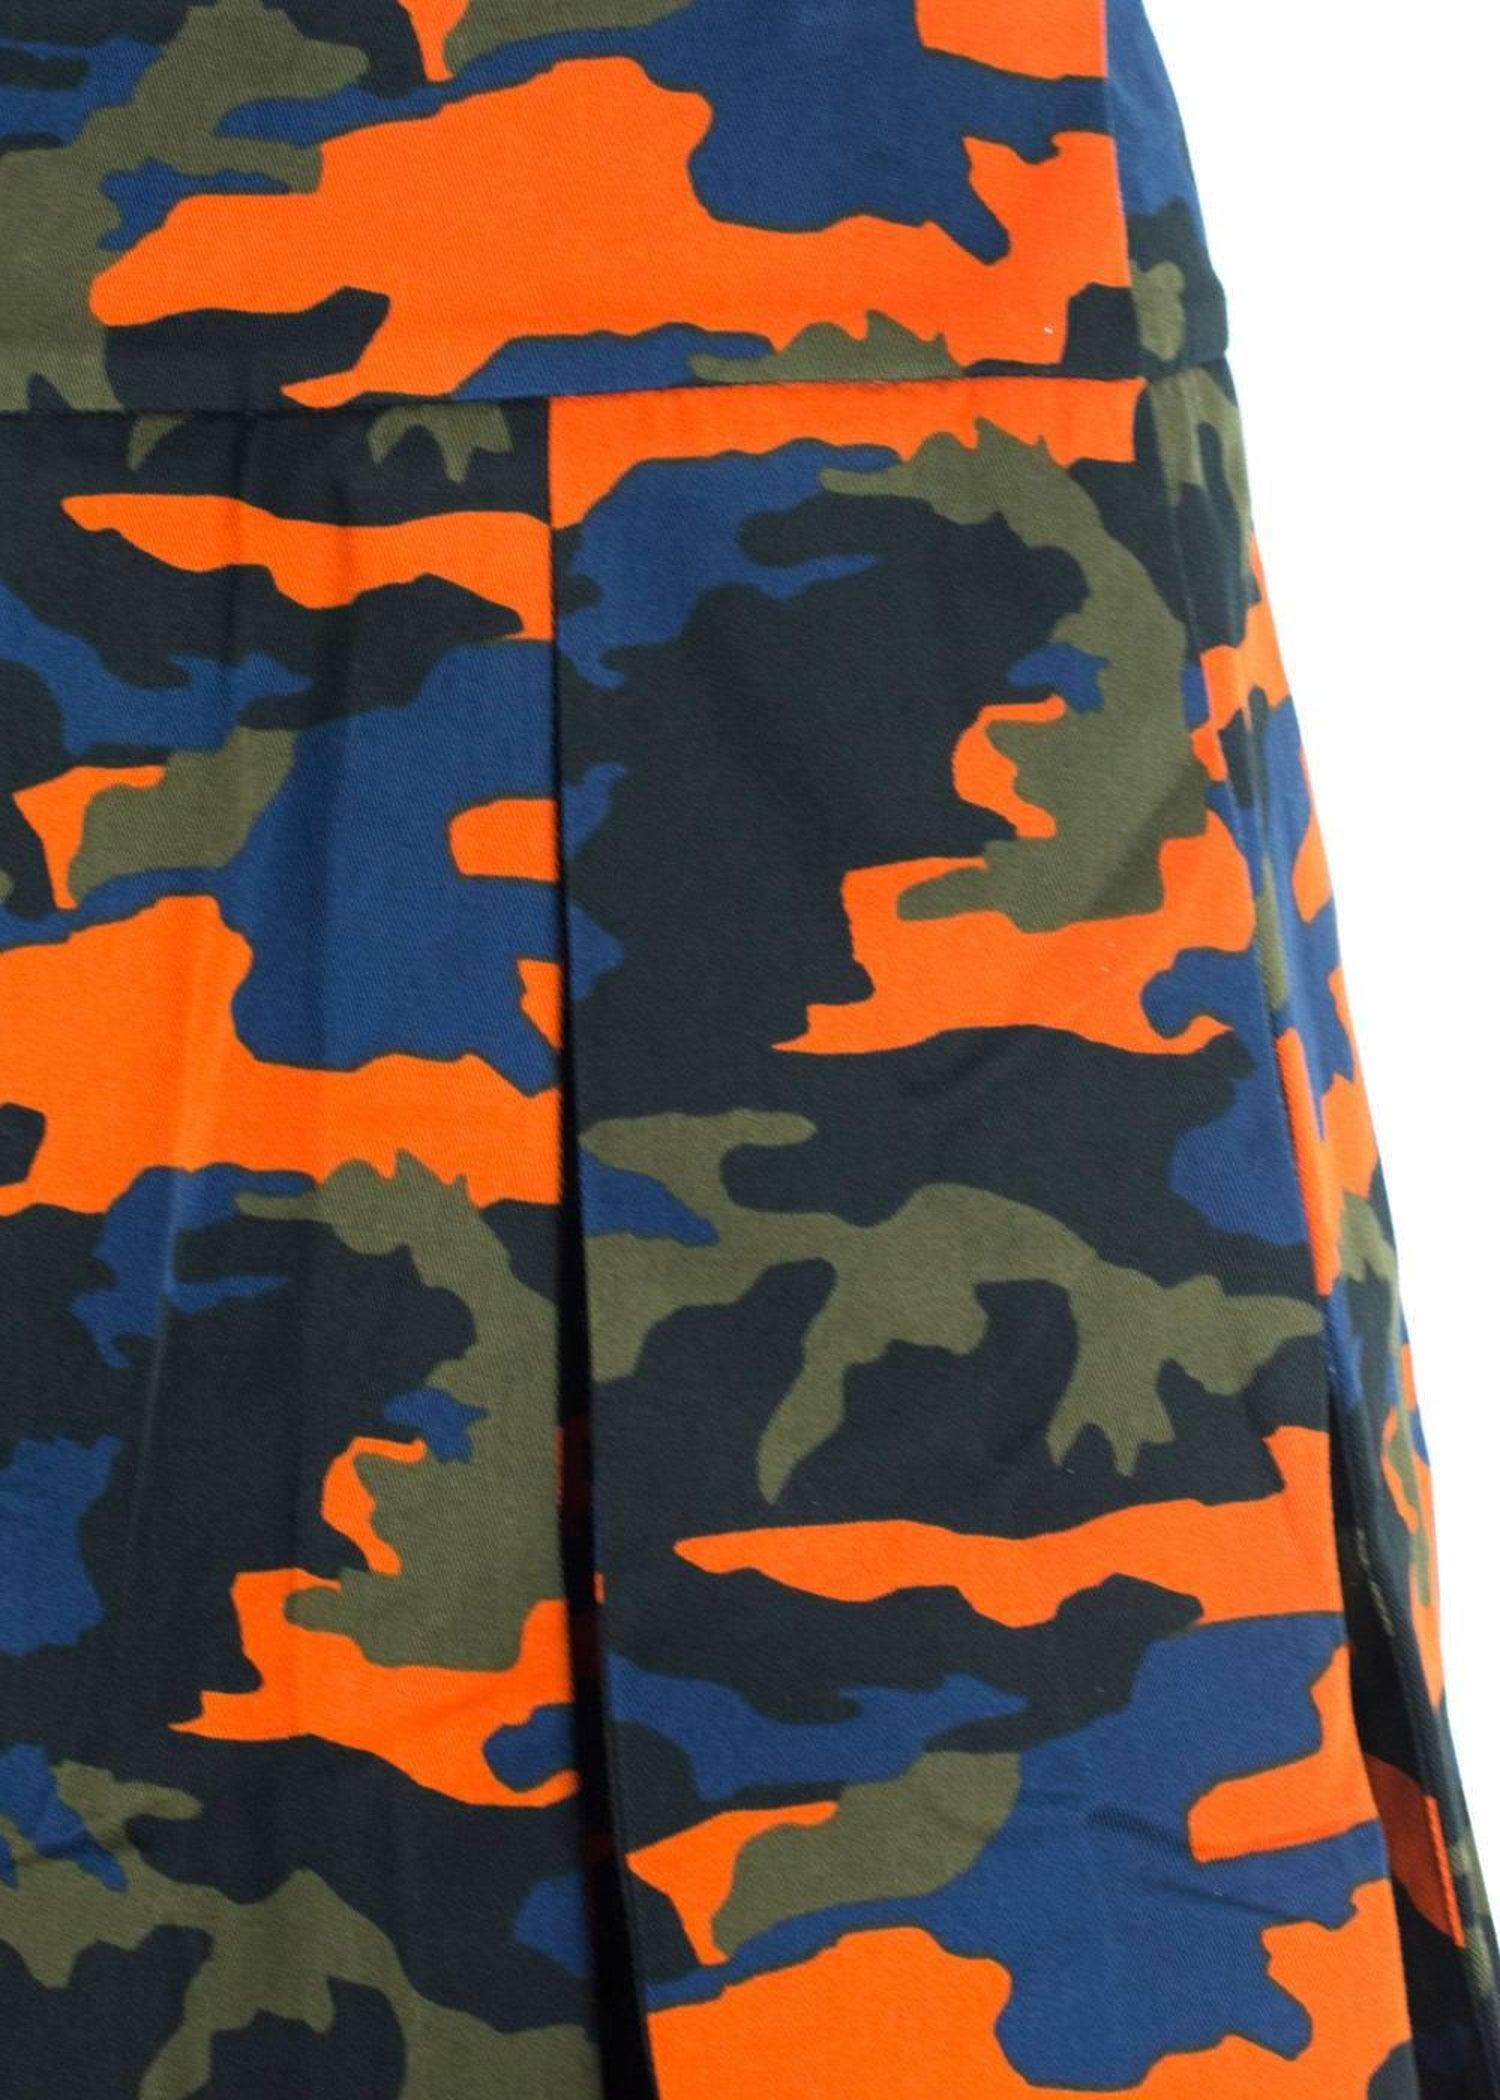 Givenchy Men s Green Orange Camouflage Kilt For Sale at 1stdibs 6504019d9f5f